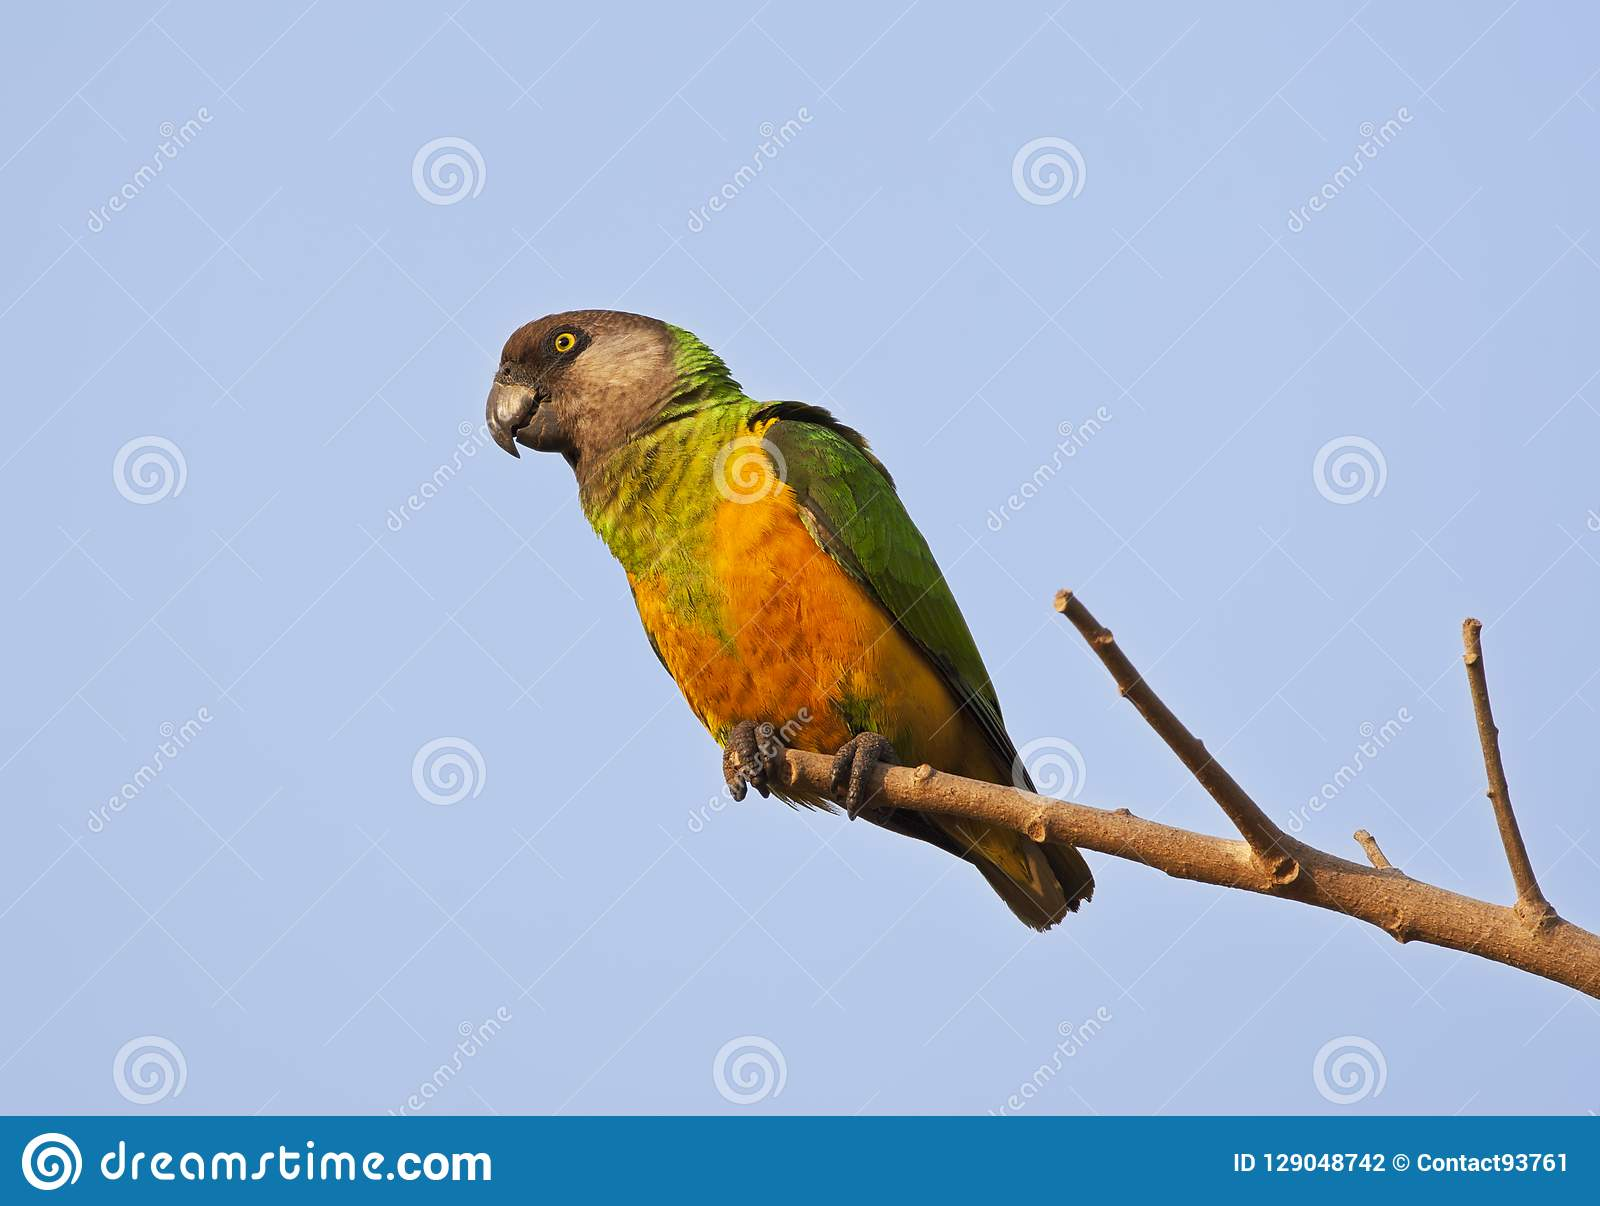 Bonte Boertje, perroquet du Sénégal, senegalus de Poicephalus